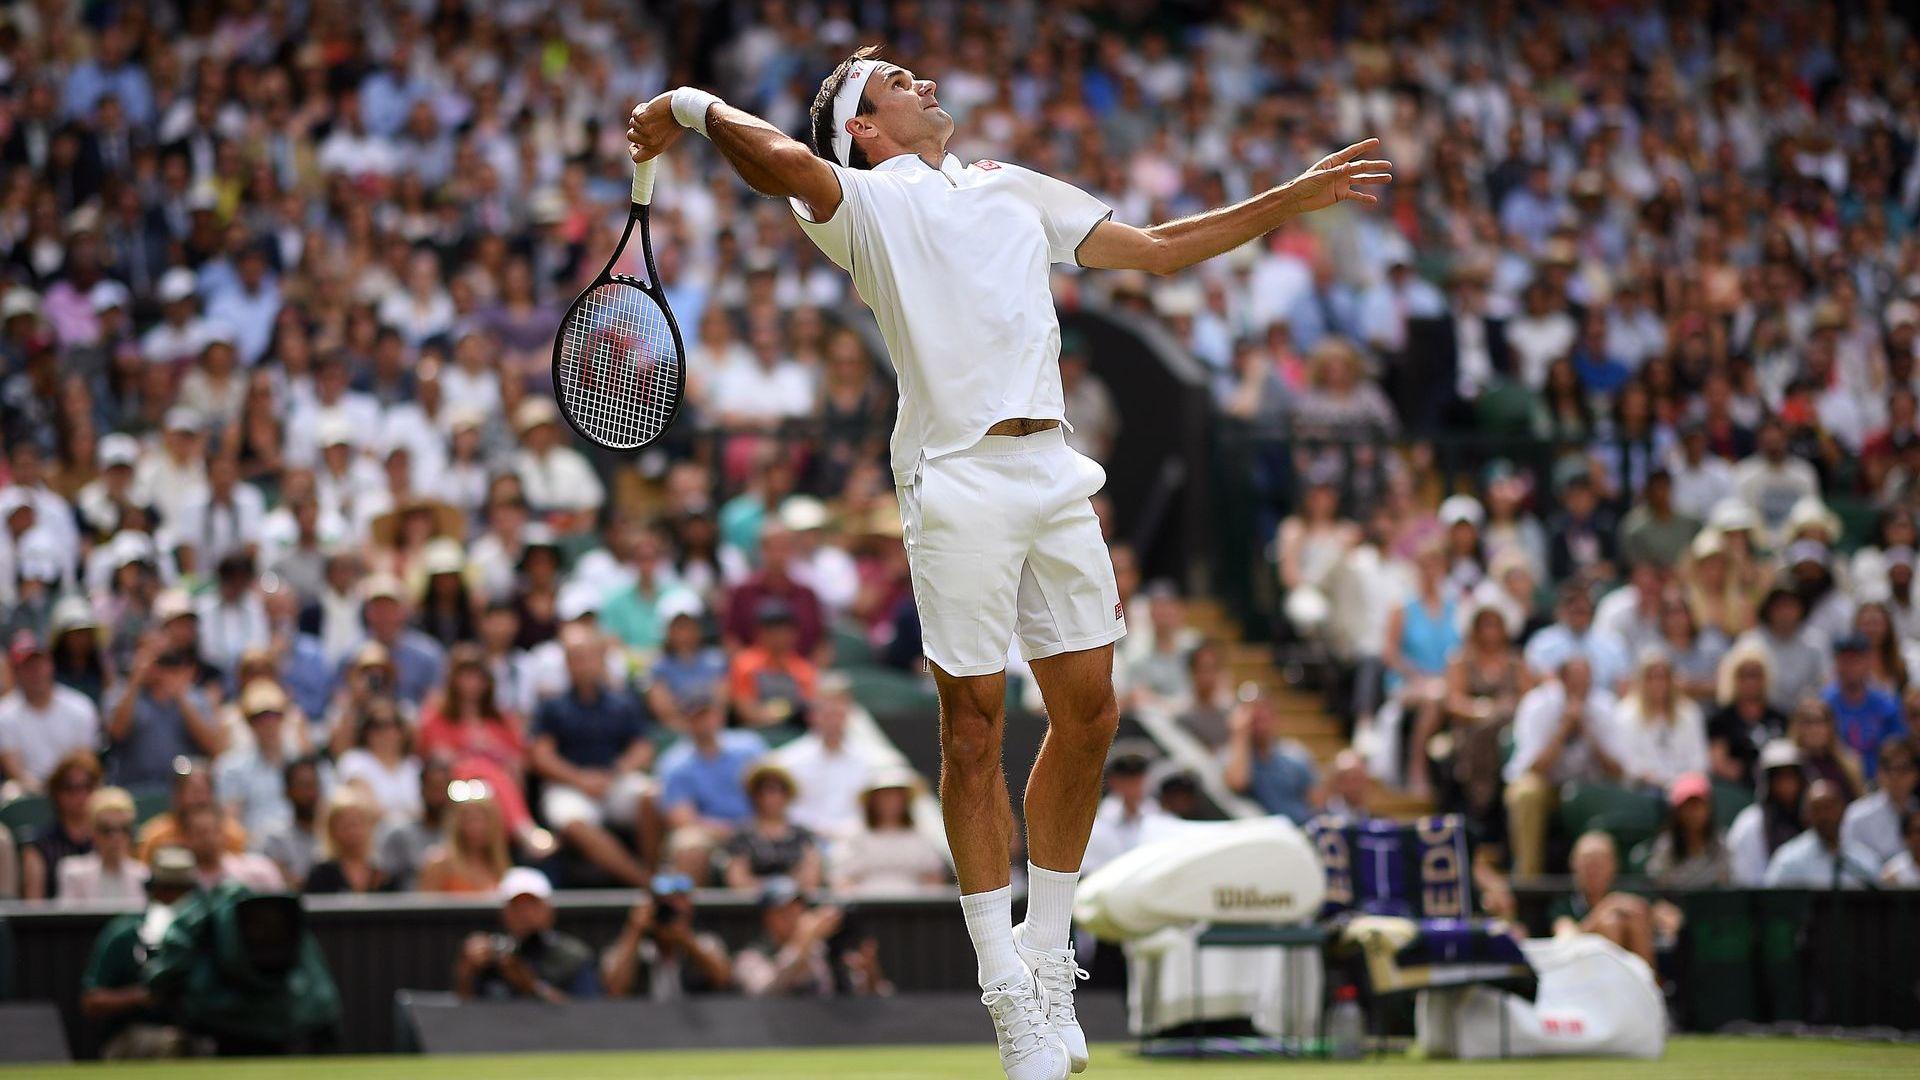 Ранни проблеми не отклониха от пътя Федерер в паметен за него ден